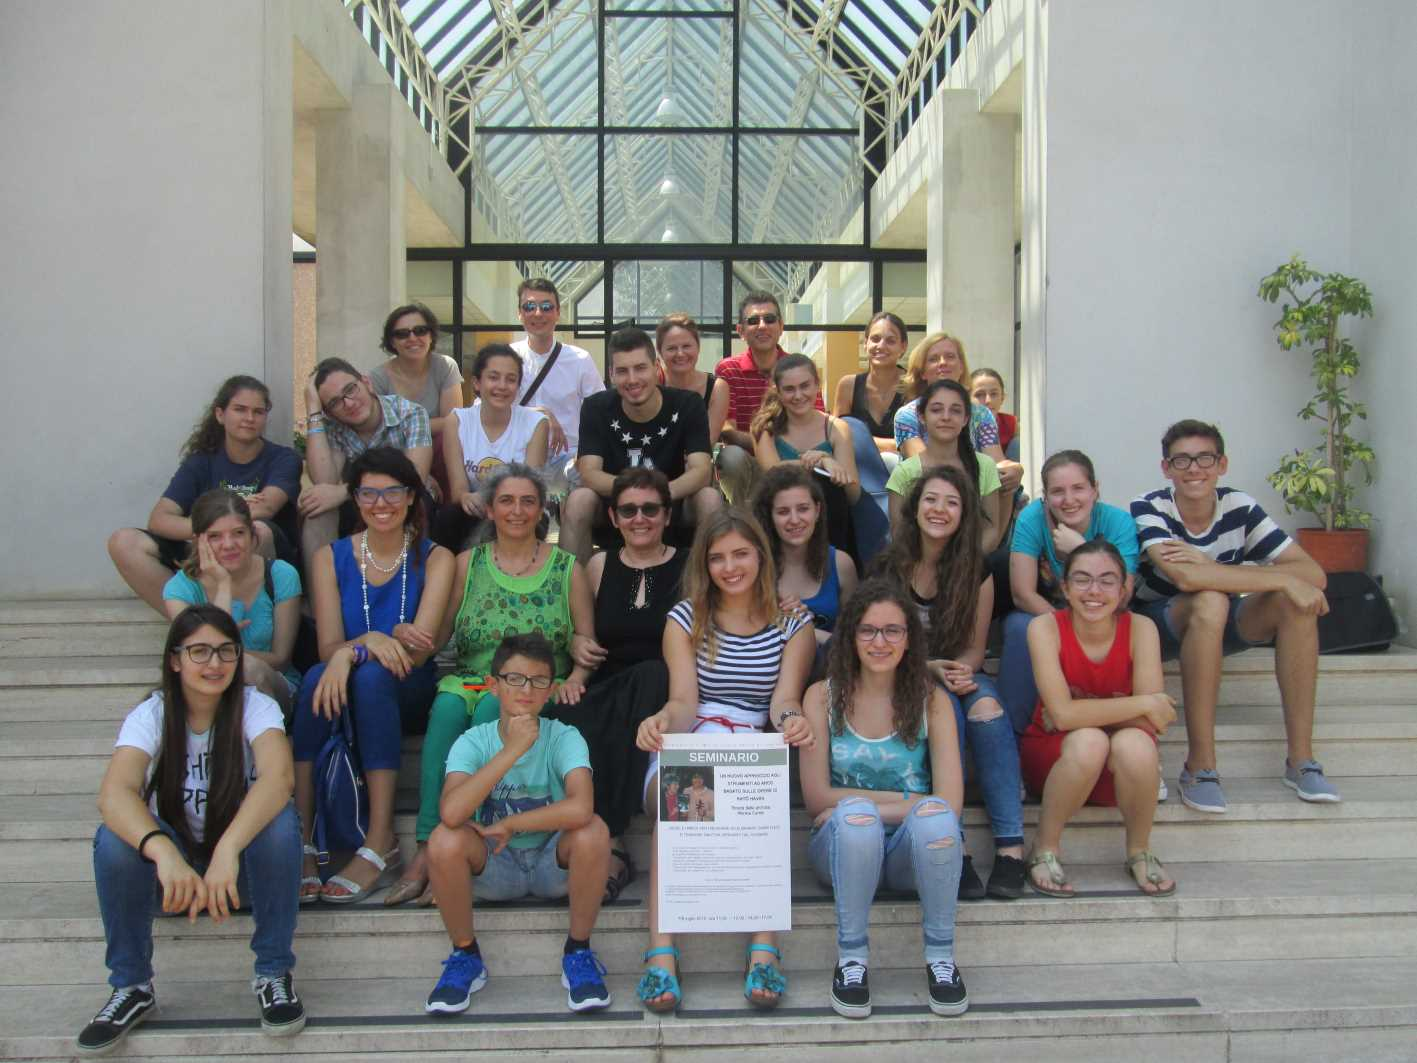 Bella foto di gruppo dei partecipanti al seminario di Frosinone sul Nuovo Approccio Havas